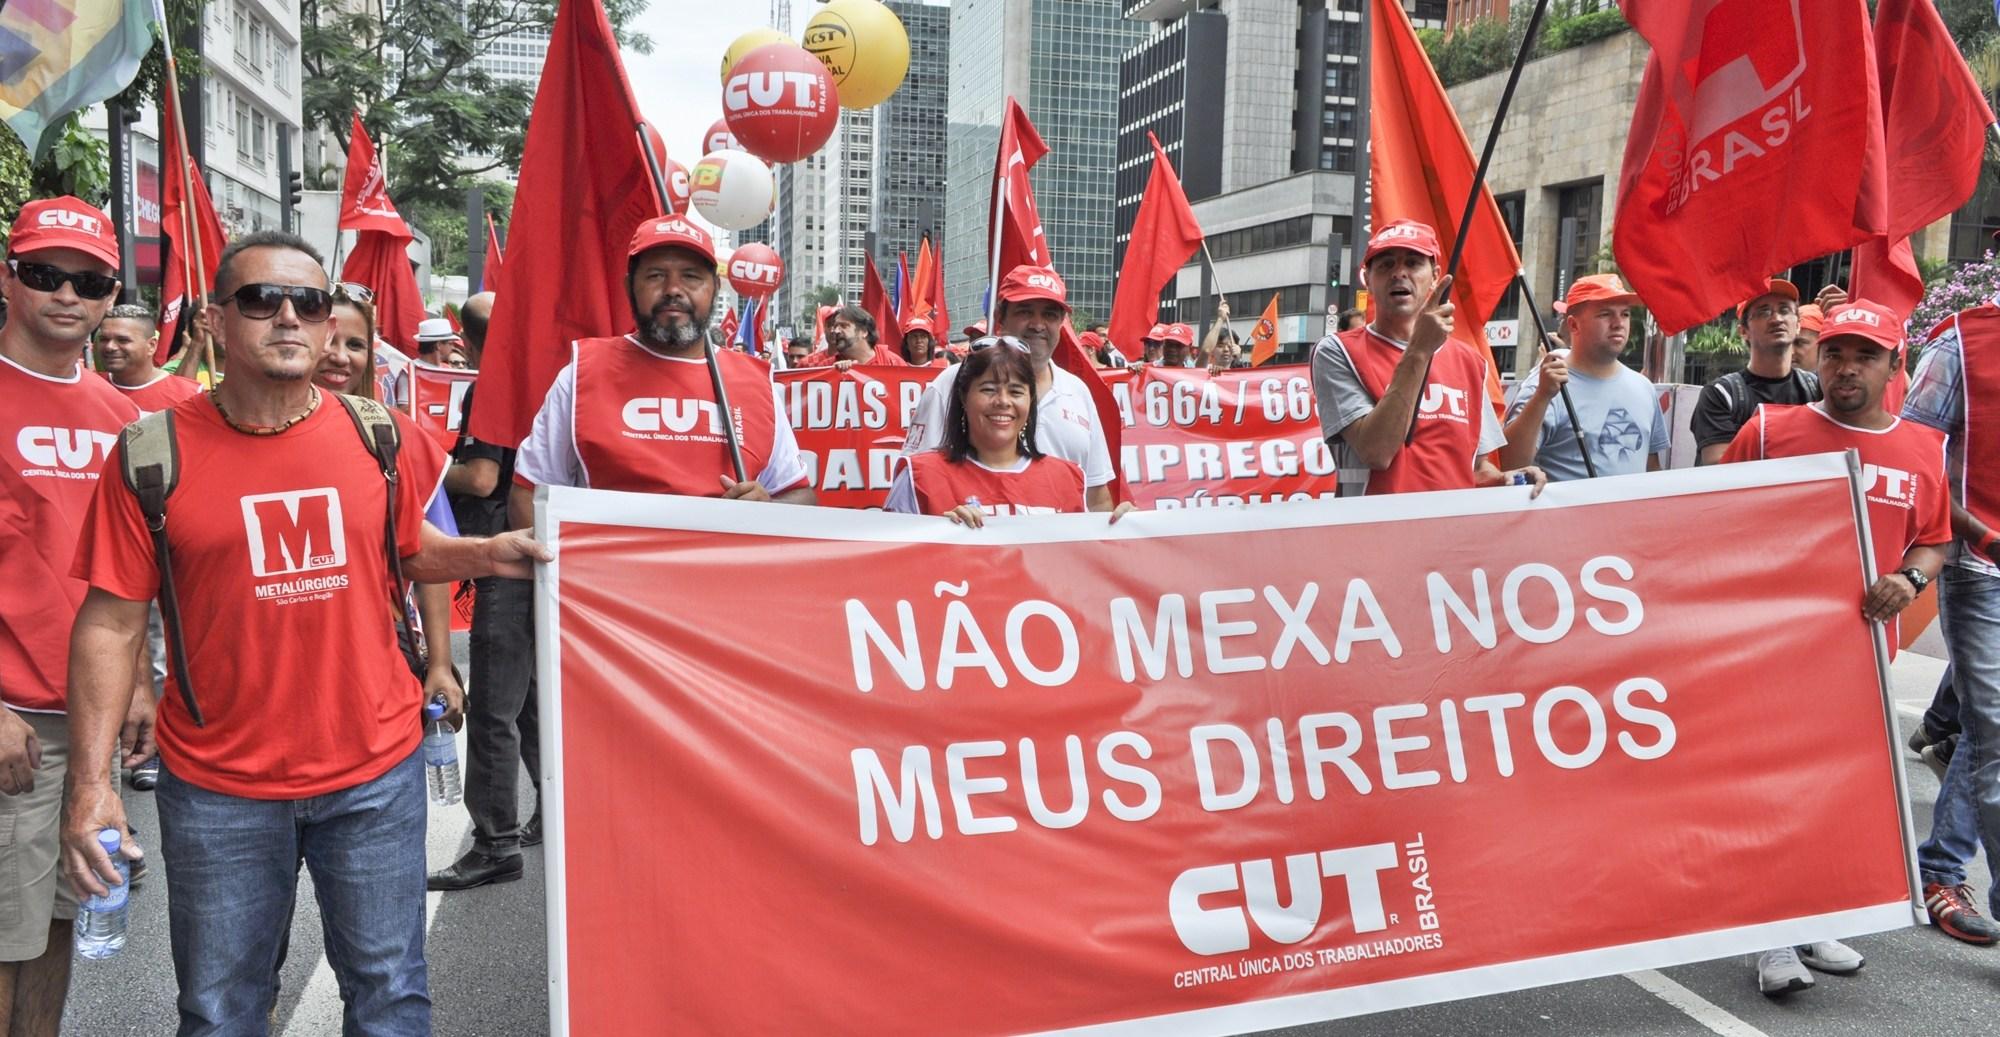 CUT cria coletivo de advogados para enfrentar ataques do governo Bolsonaro